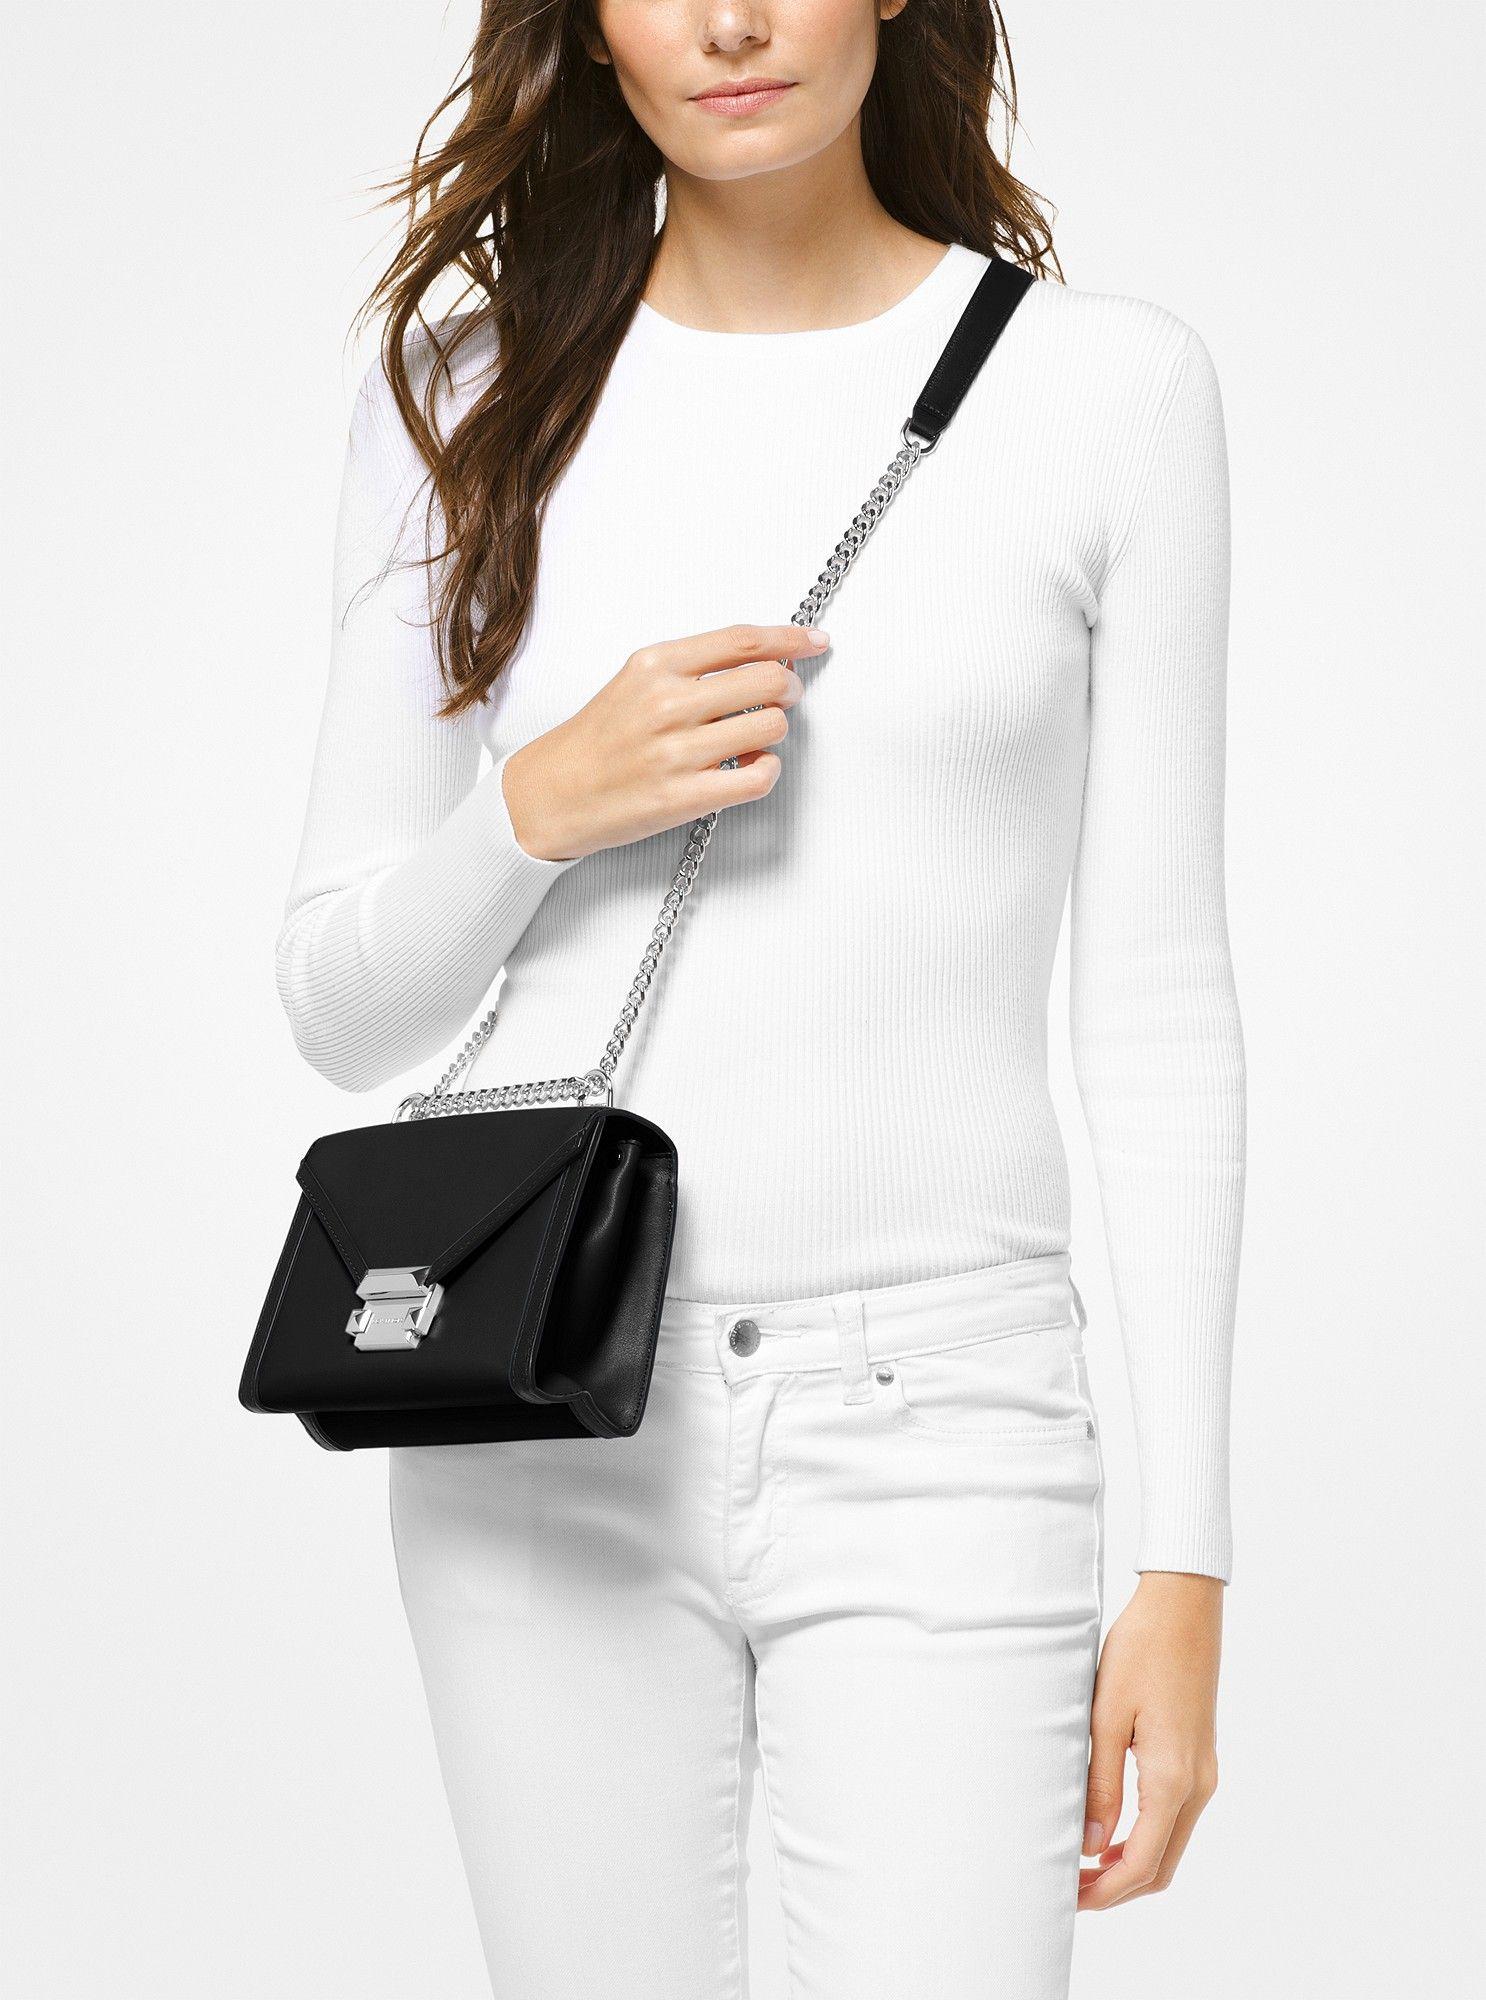 c0eaa2e2aac1 Michael Kors Whitney Small Leather Convertible Shoulder Bag - Black ...